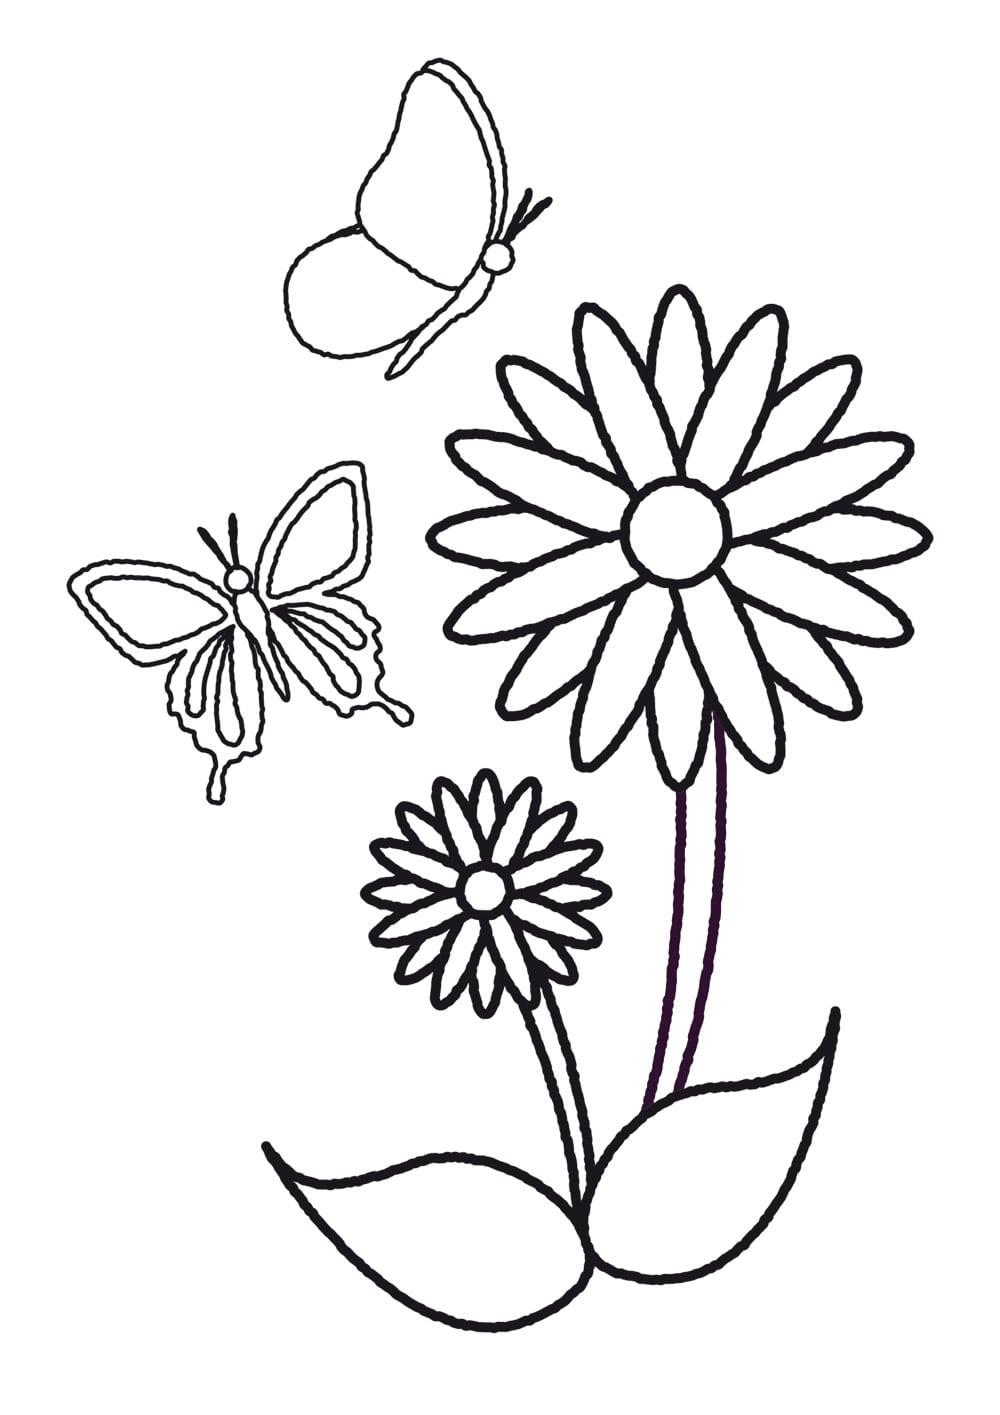 Plantillas De Flores Y Mariposas Para Colorear